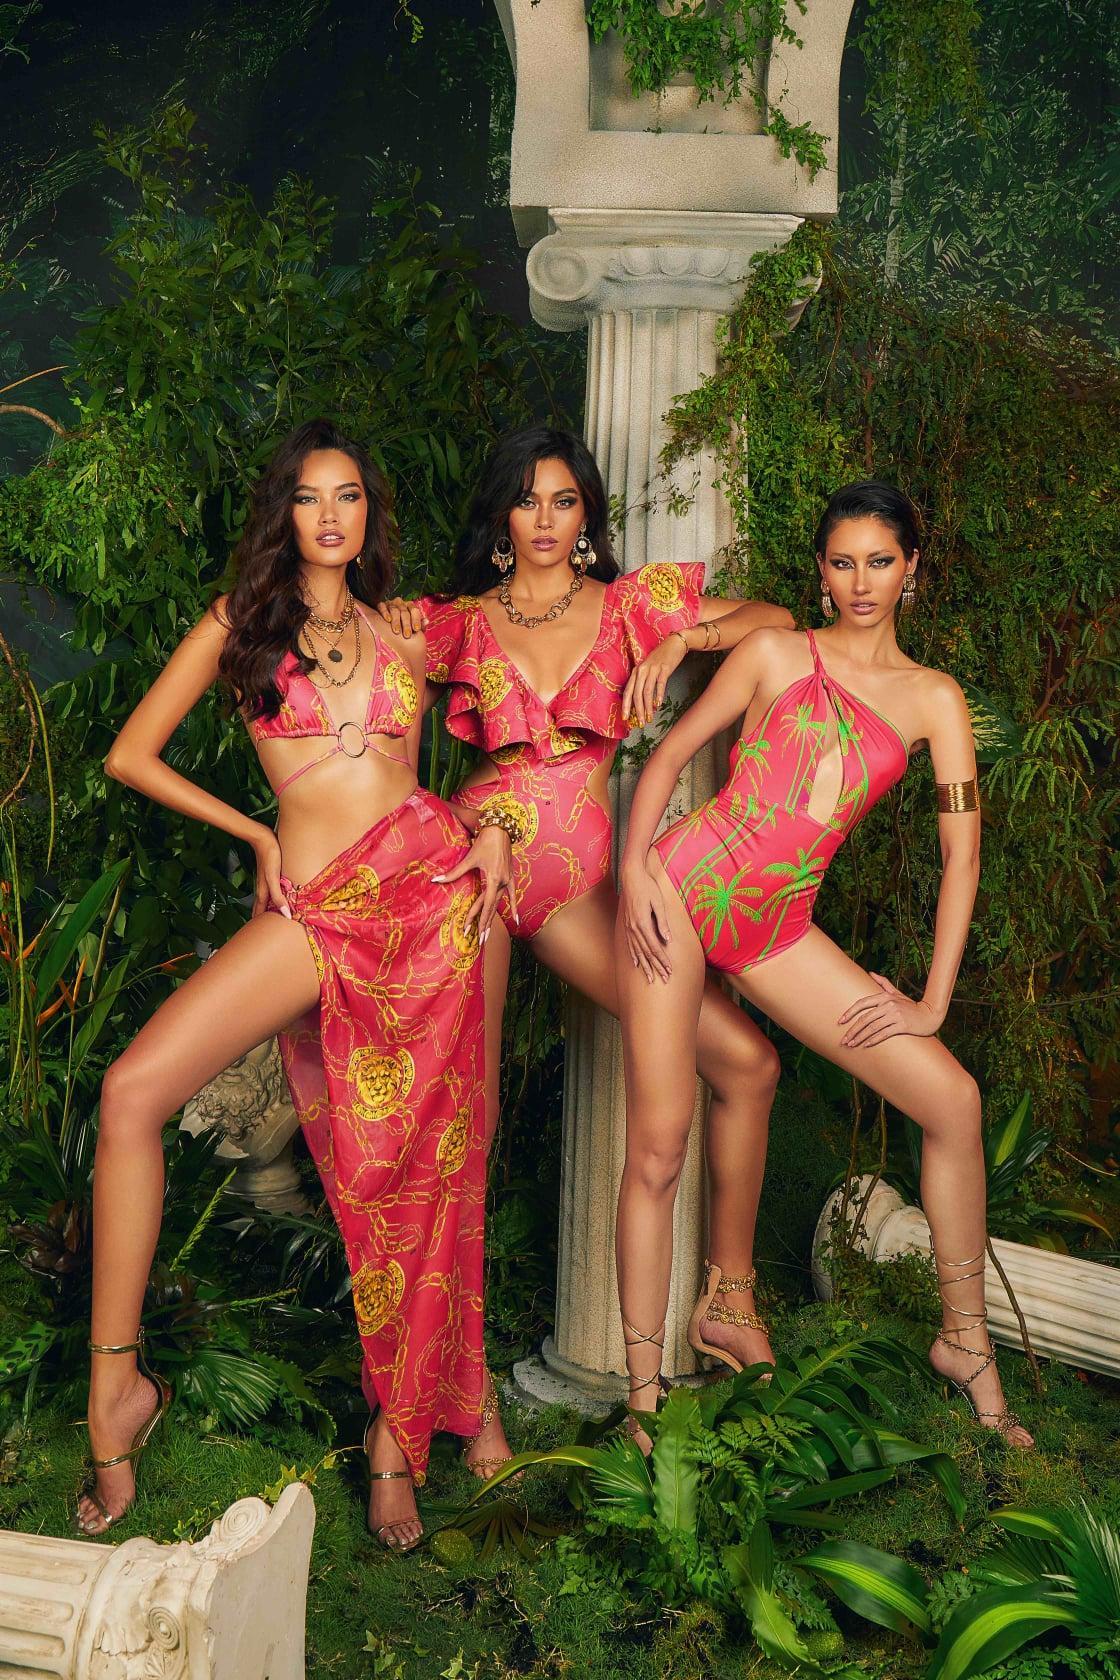 Mâu Thủy, Hằng Nguyễn, Hoàng Phương hóa nữ thần nóng bỏng trong bộ sưu tập xuân hè 'Barroco' Ảnh 6